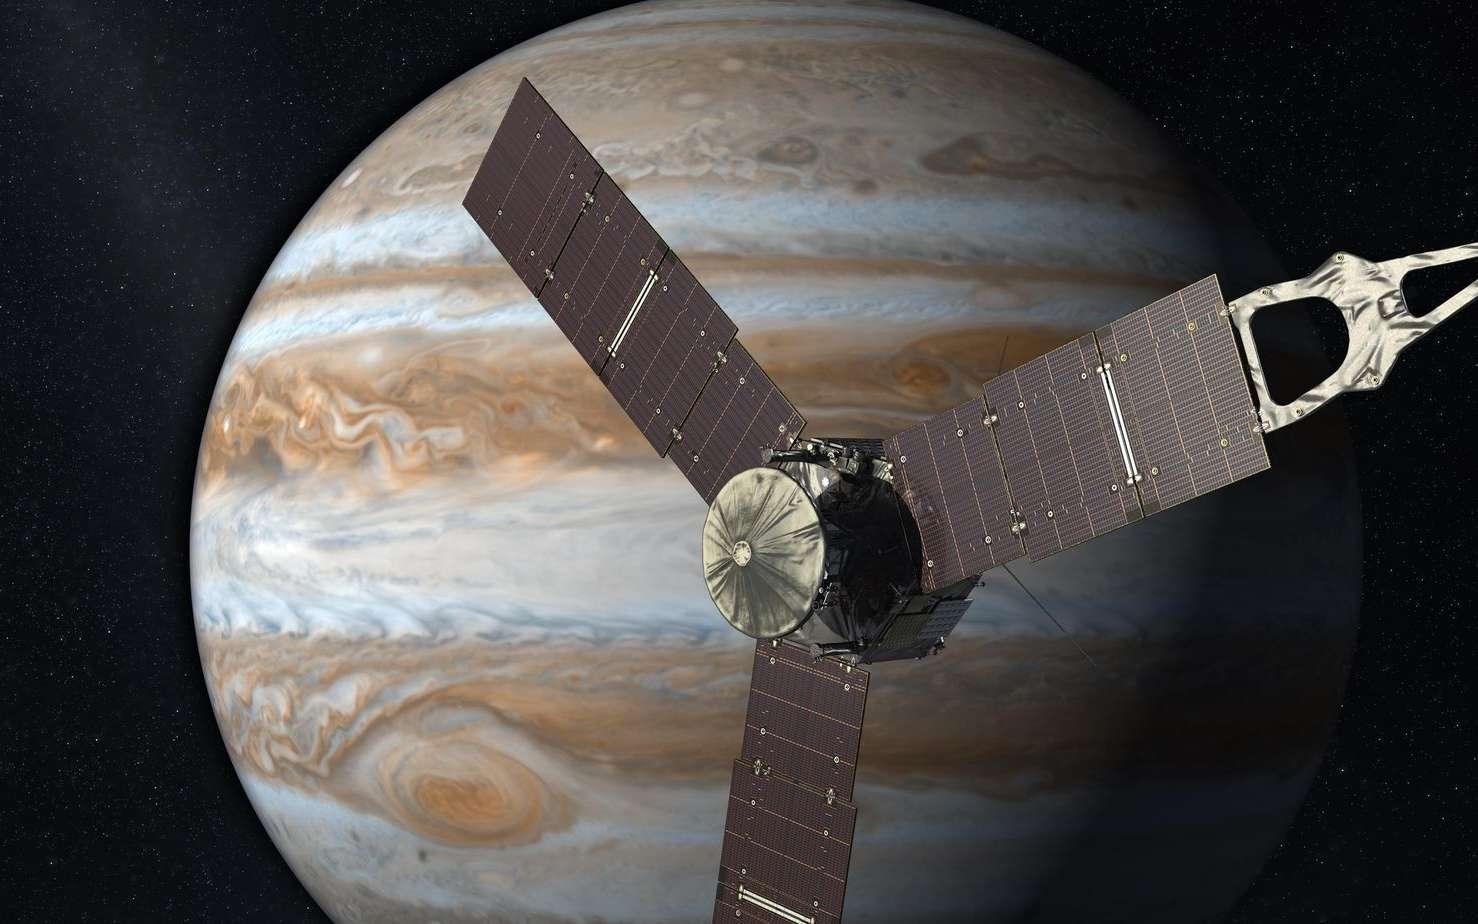 Un montage des observations de Jupiter par Hubble. Les aurores polaires sont en fausses couleurs car observées en ultraviolet. © Nasa, ESA, J. Nichols (University of Leicester)